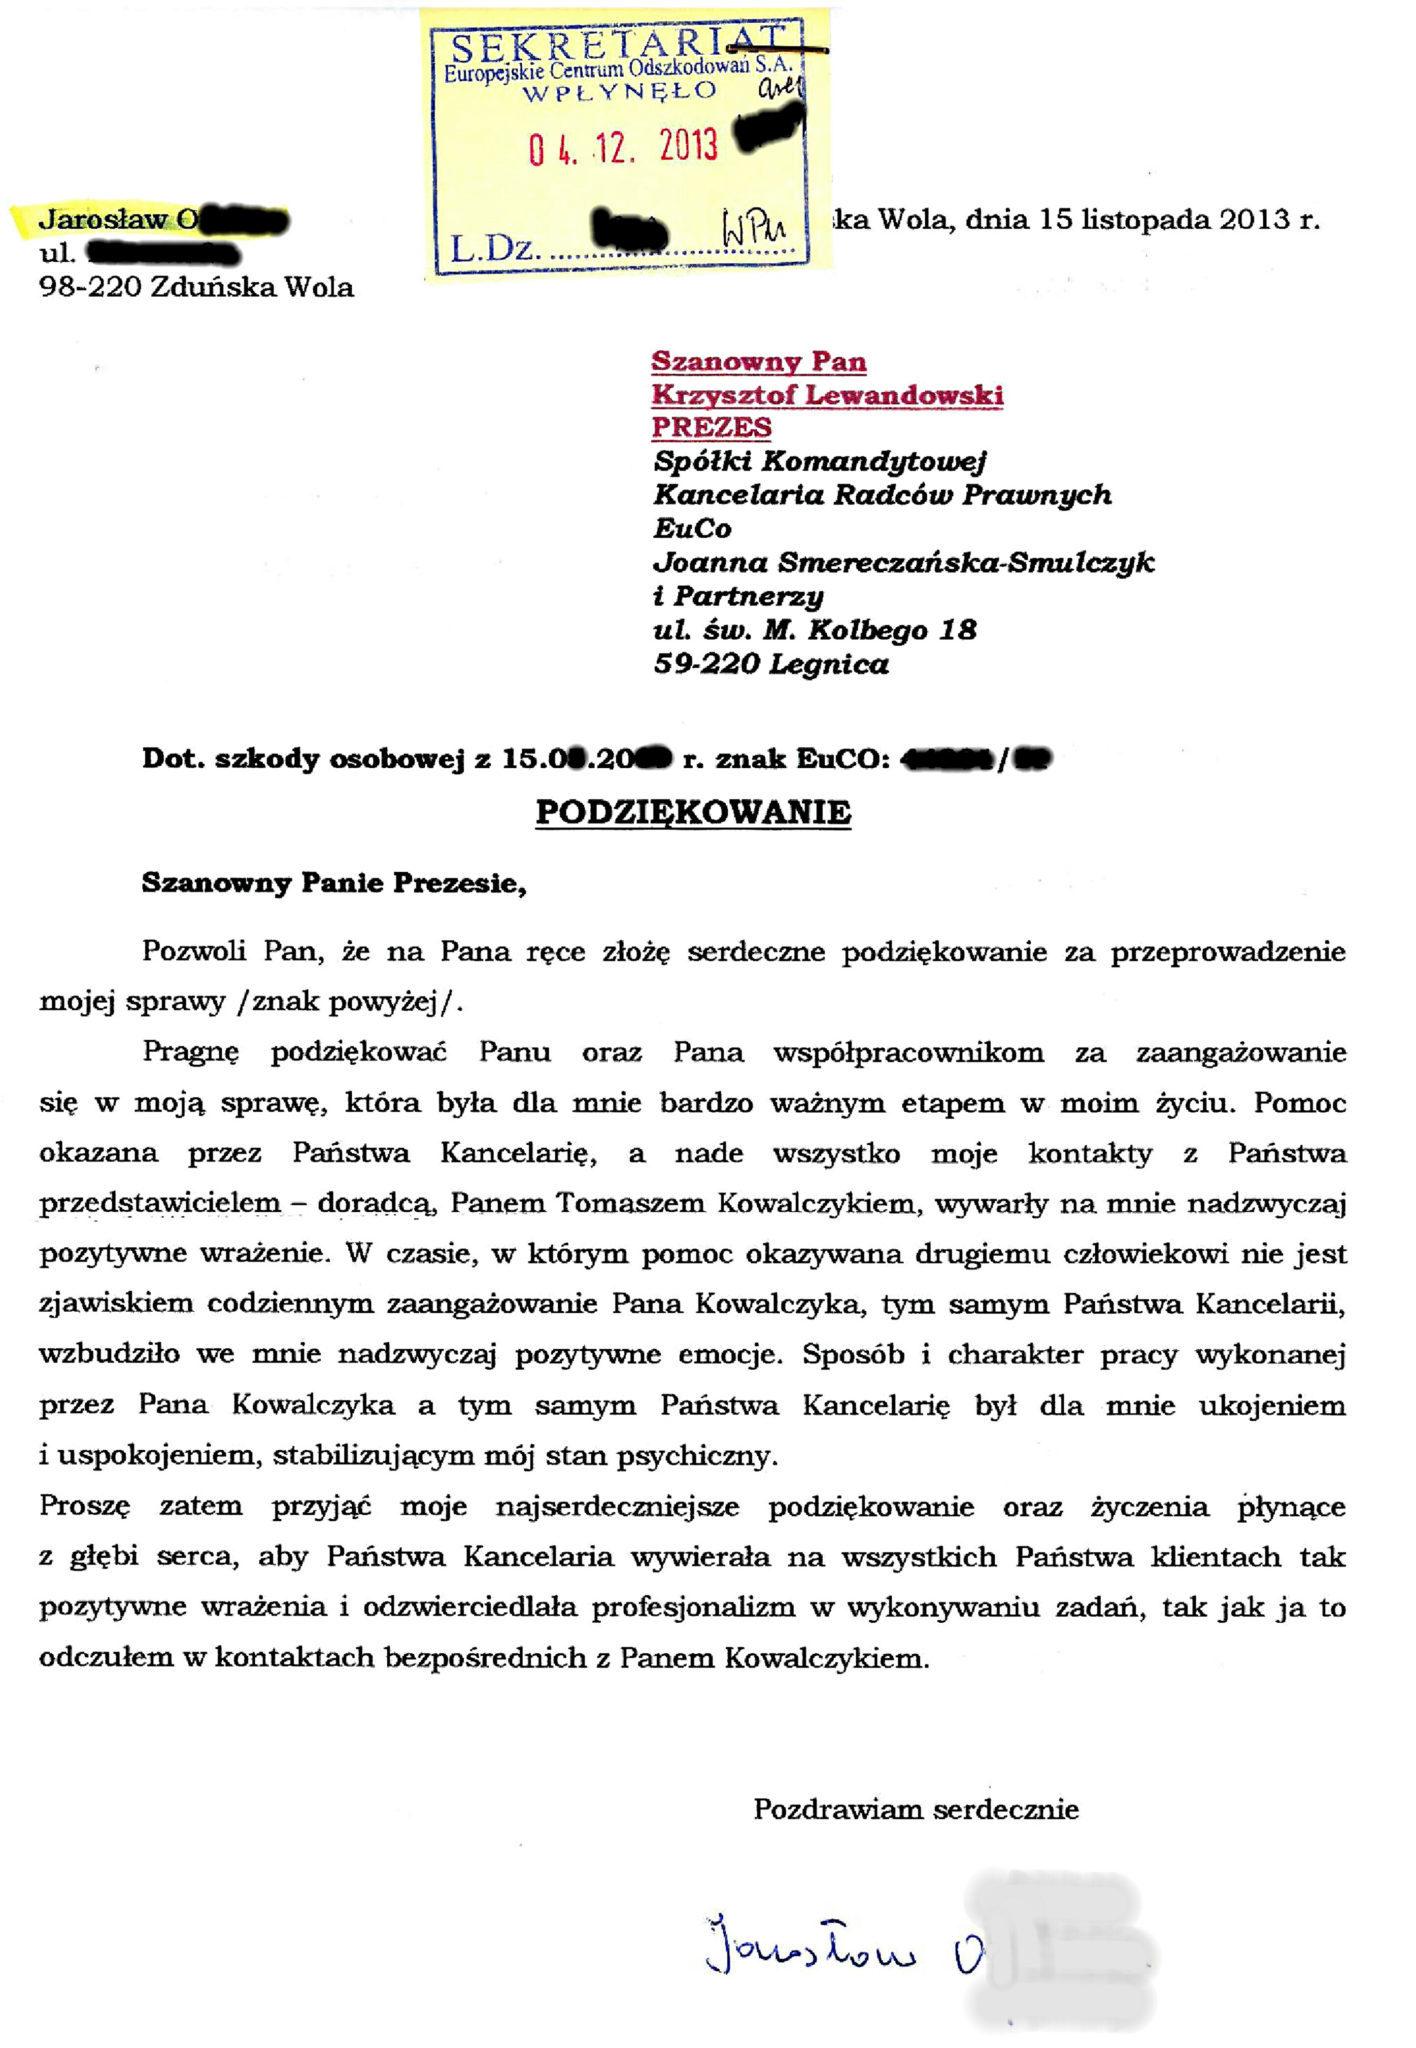 Ofman Jaroslaw - podziekowania